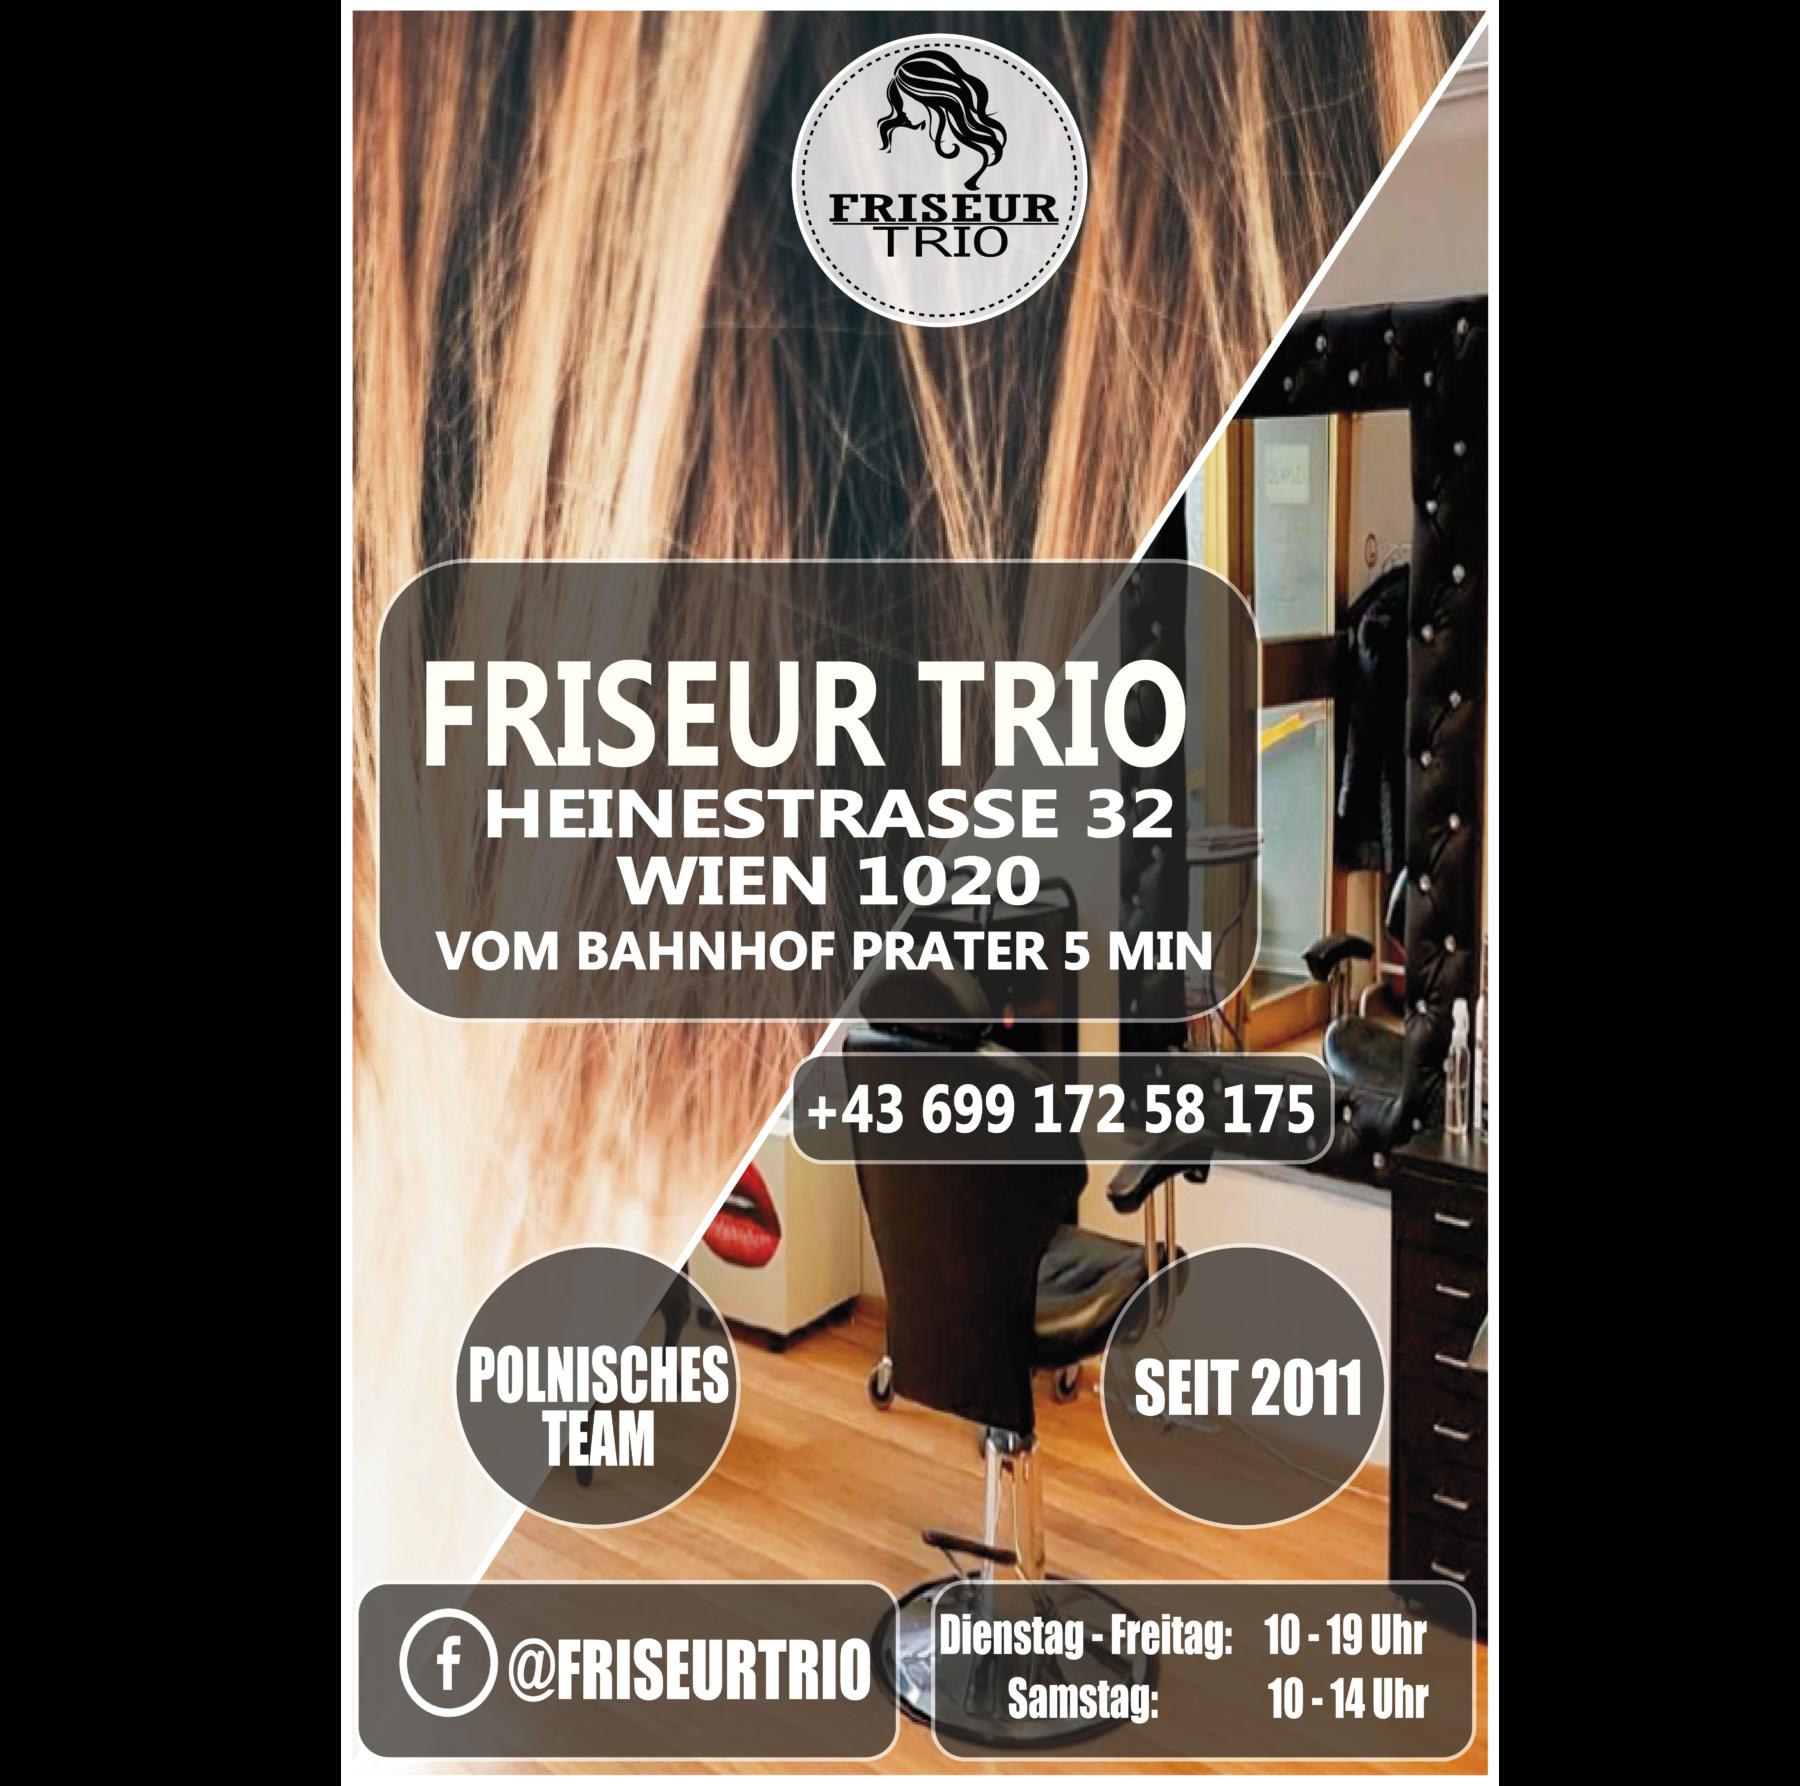 Friseur Trio